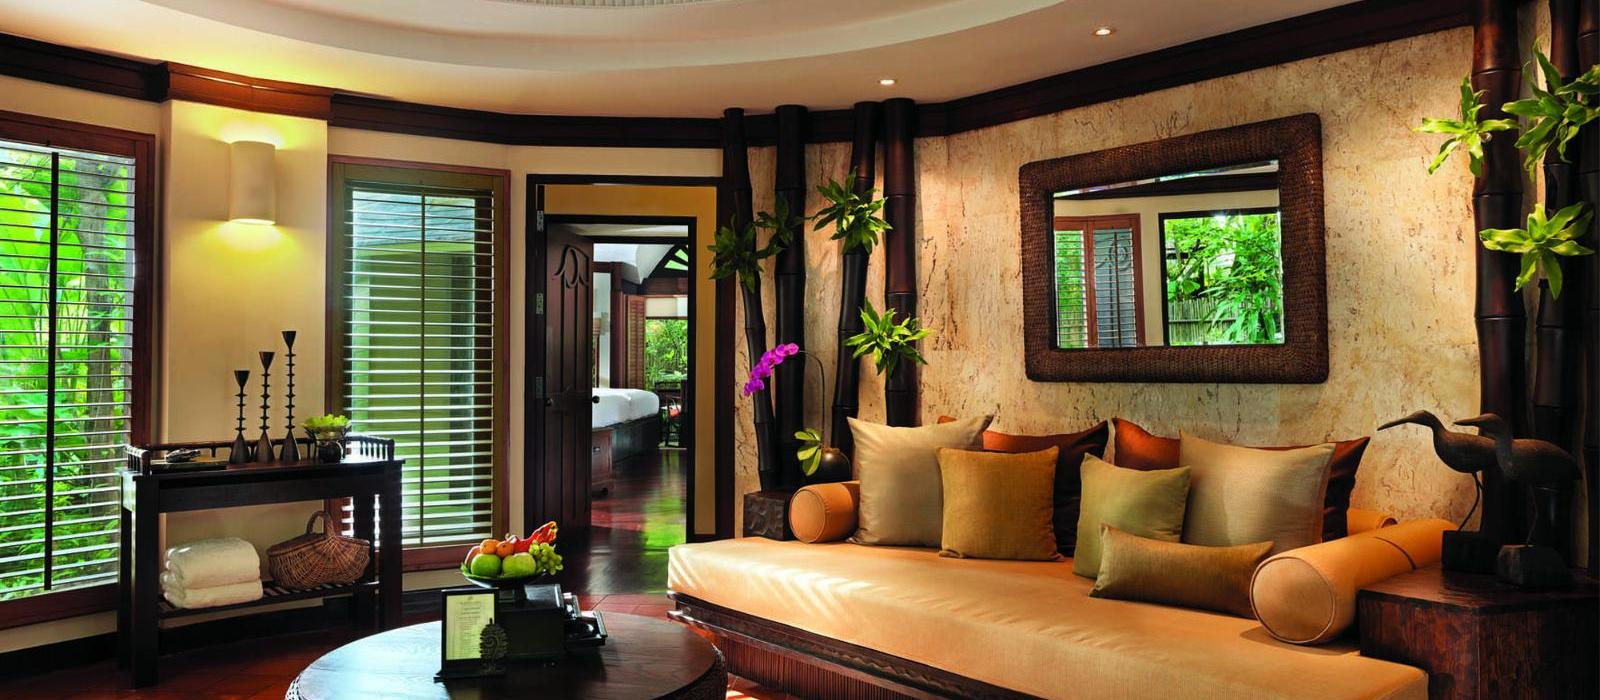 瑞亚维德度假酒店(Rayavadee) 家庭别墅起居室图片  www.lhw.cn